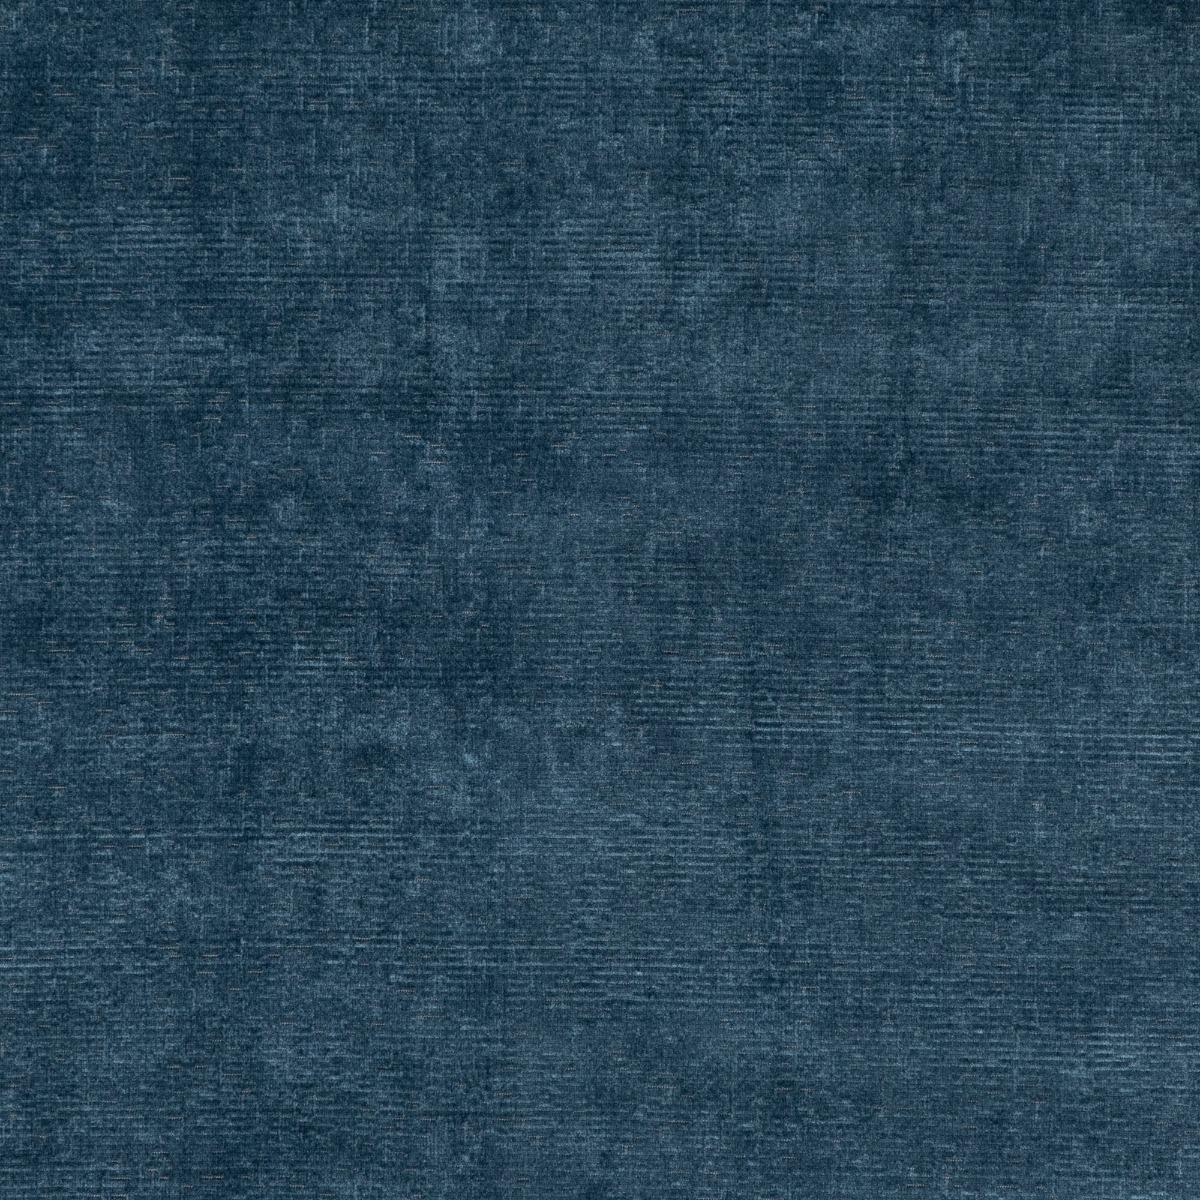 Alma velvet in Blue by Kravet